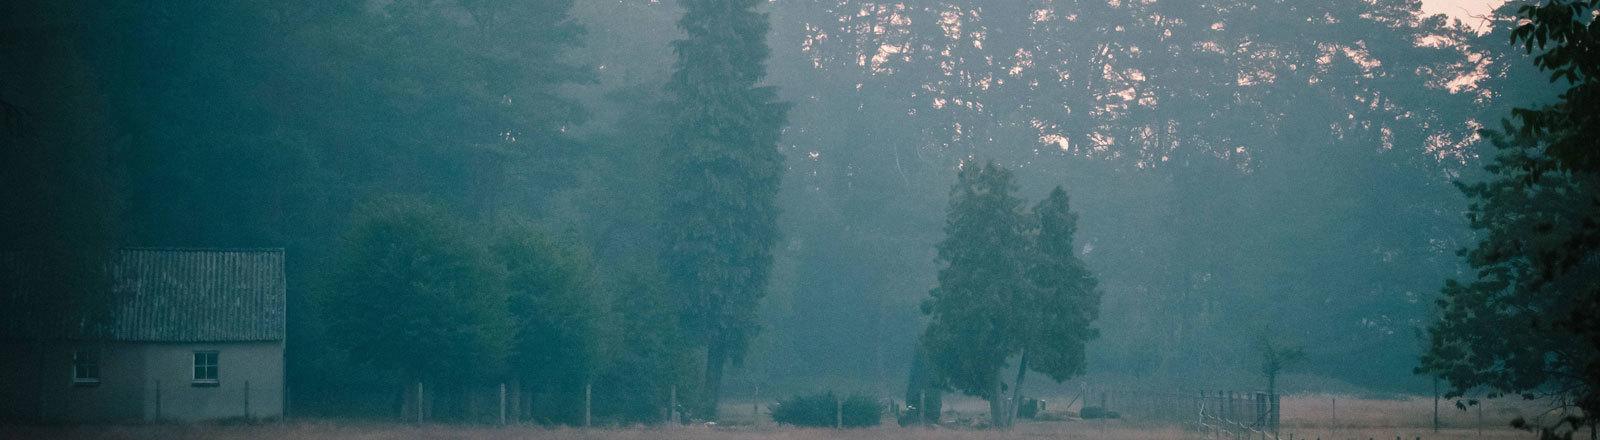 Auf dem ehemaligen Truppenübungsplatz bei Lübtheen gibt es einen großen Waldbrand. Rauch und ätzender Geruch steigen auf (02.07.2019)